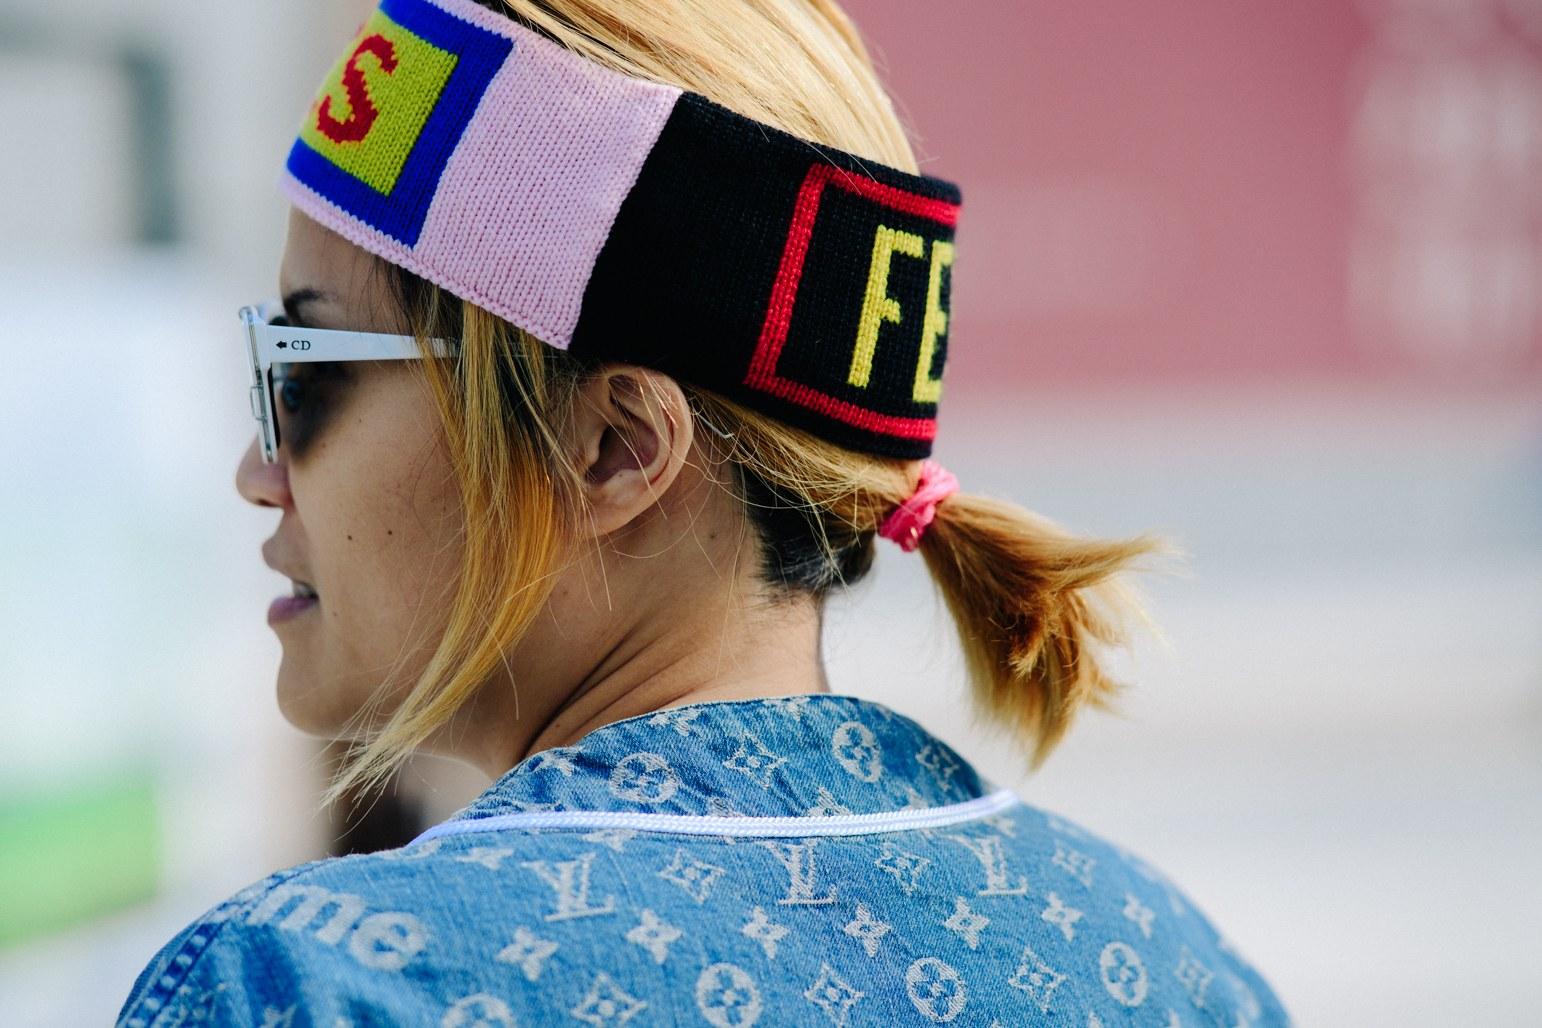 Seoul Fashion Week: Riêng về street style, giới trẻ Hàn nào có thua kém các ngôi sao nổi tiếng - Ảnh 5.